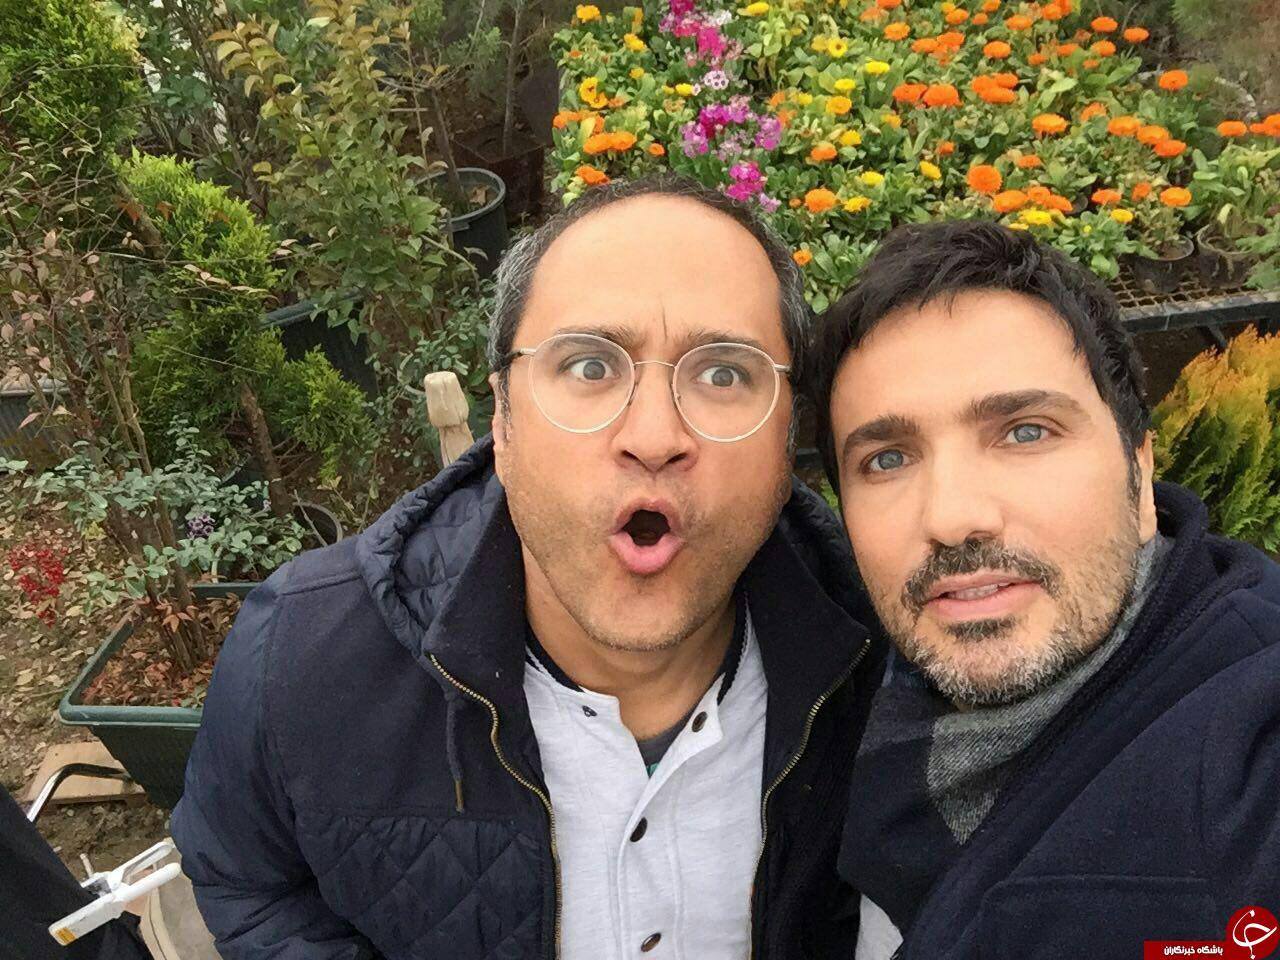 وین رونی و پسر یک روزه اش/رضا صادقی و خانواده اش/